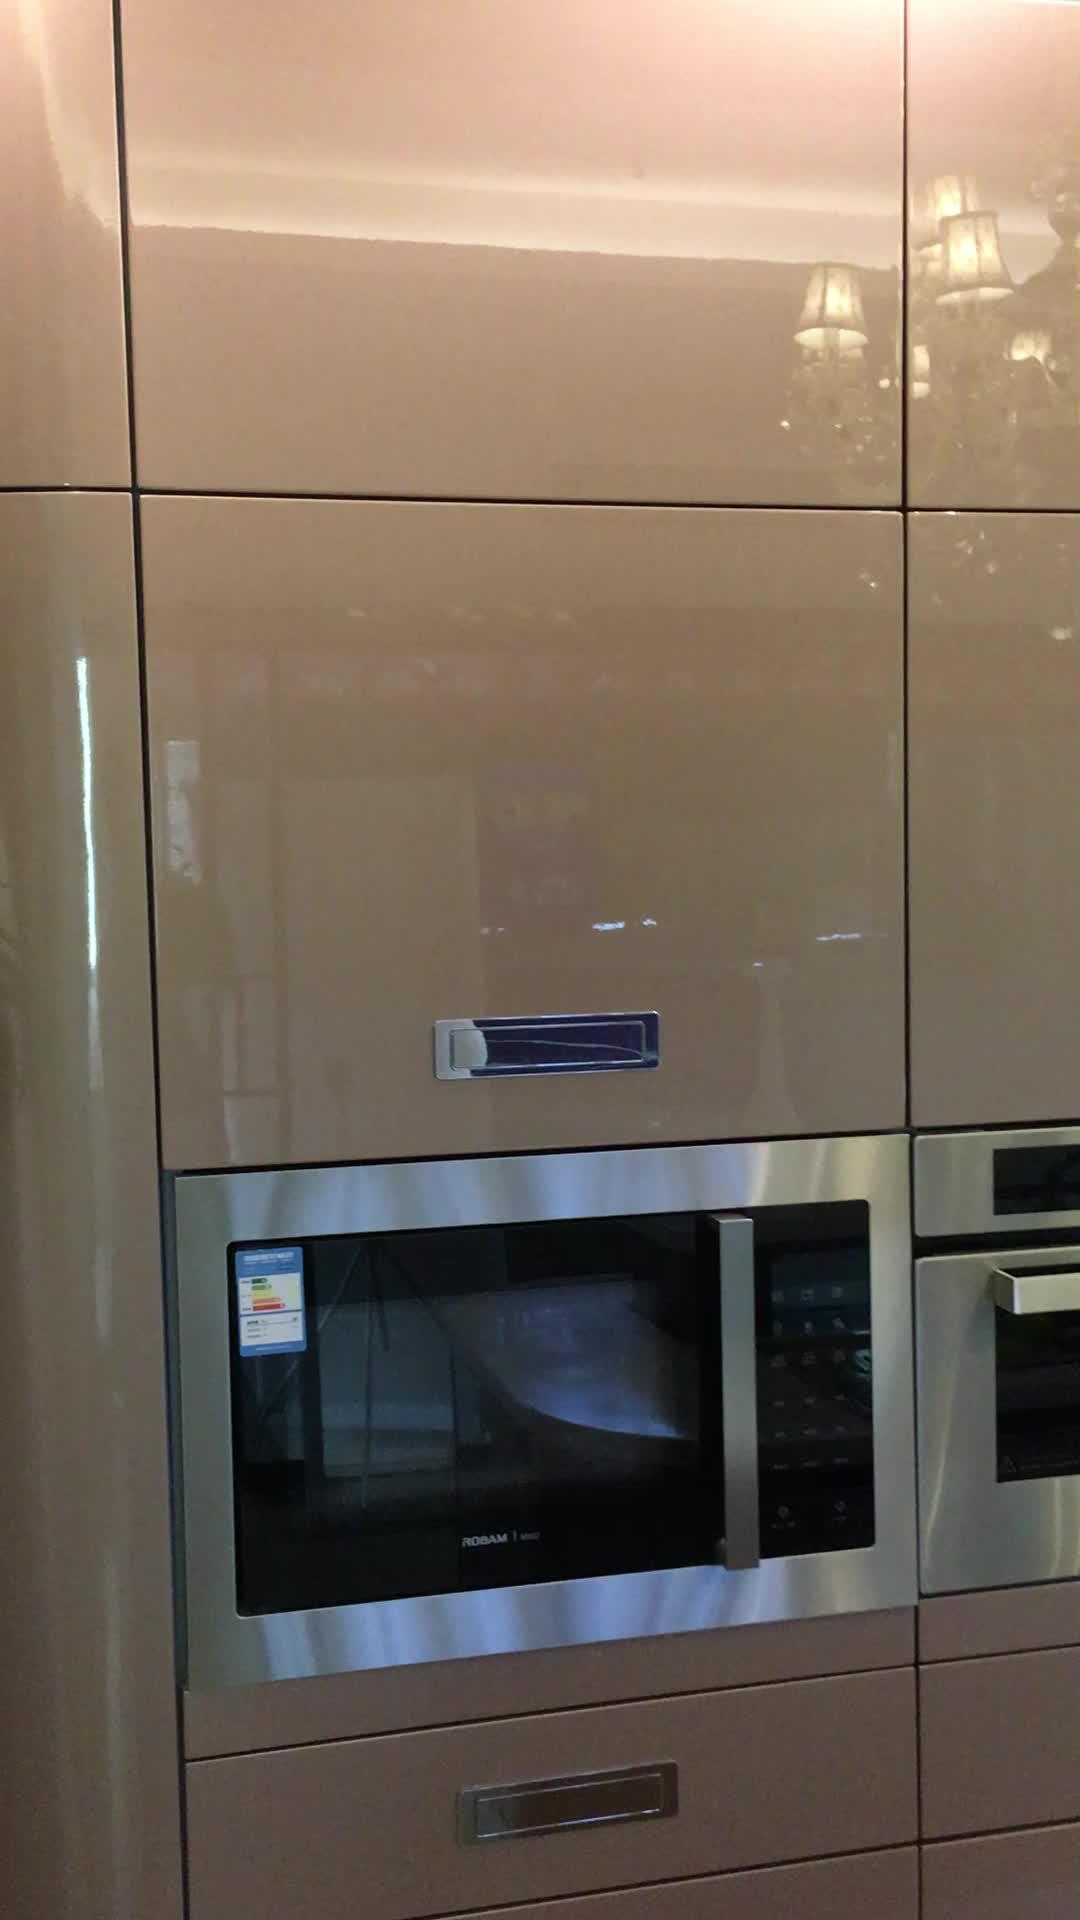 고광택 현대 래커 부엌 캐비닛 디자인 가구